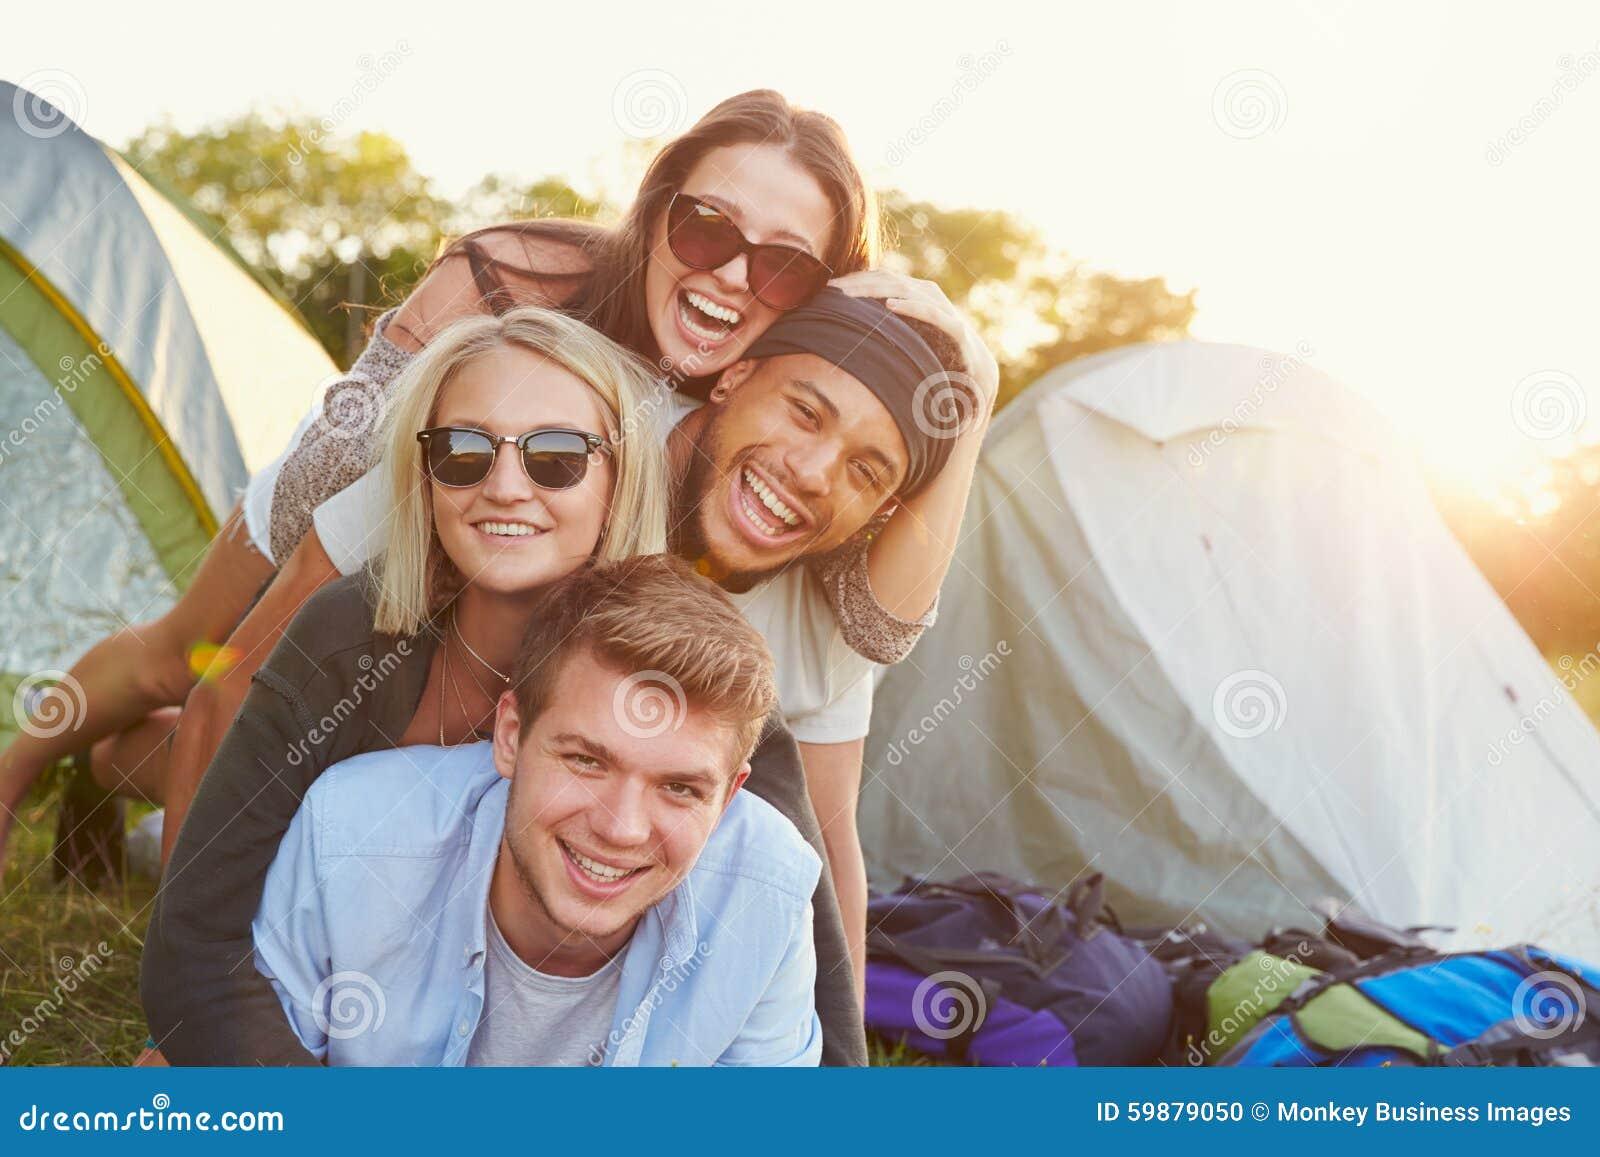 Grupp av vänner som har gyckel utanför tält på campa ferie